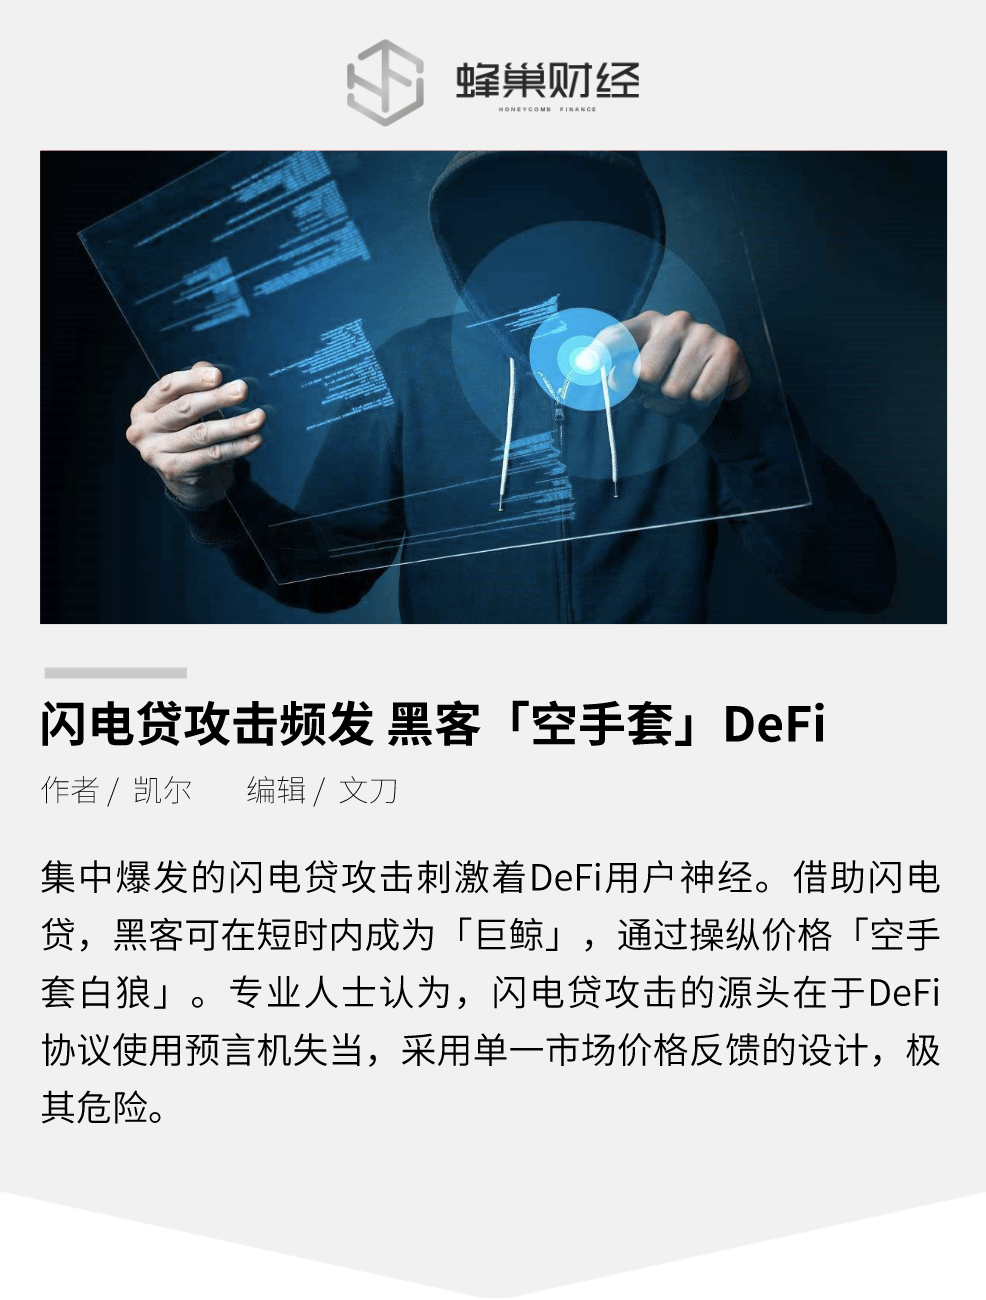 闪电贷攻击频发 黑客「空手套」DeFi